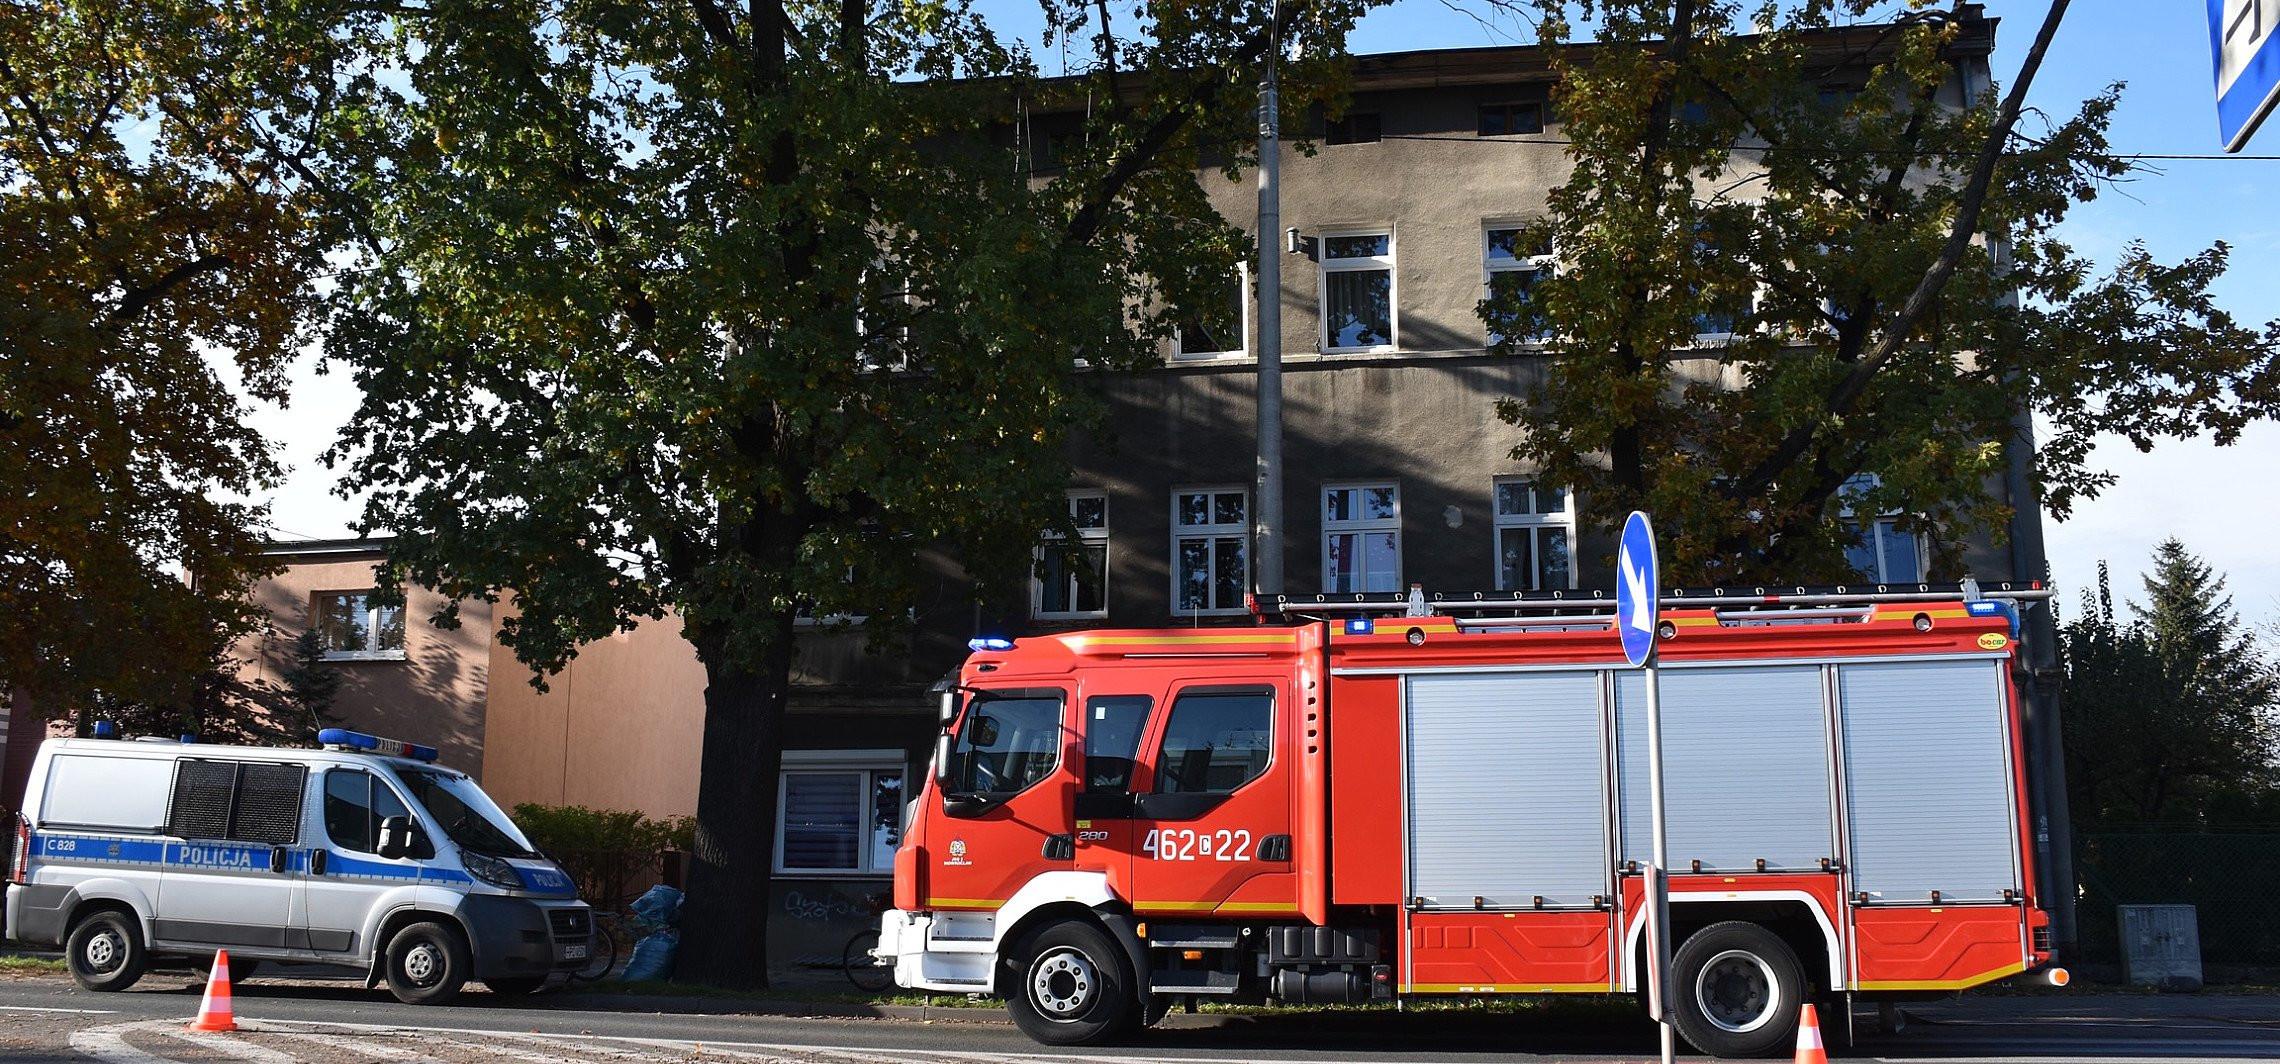 Inowrocław - W kamienicy wybuchła butla gazowa